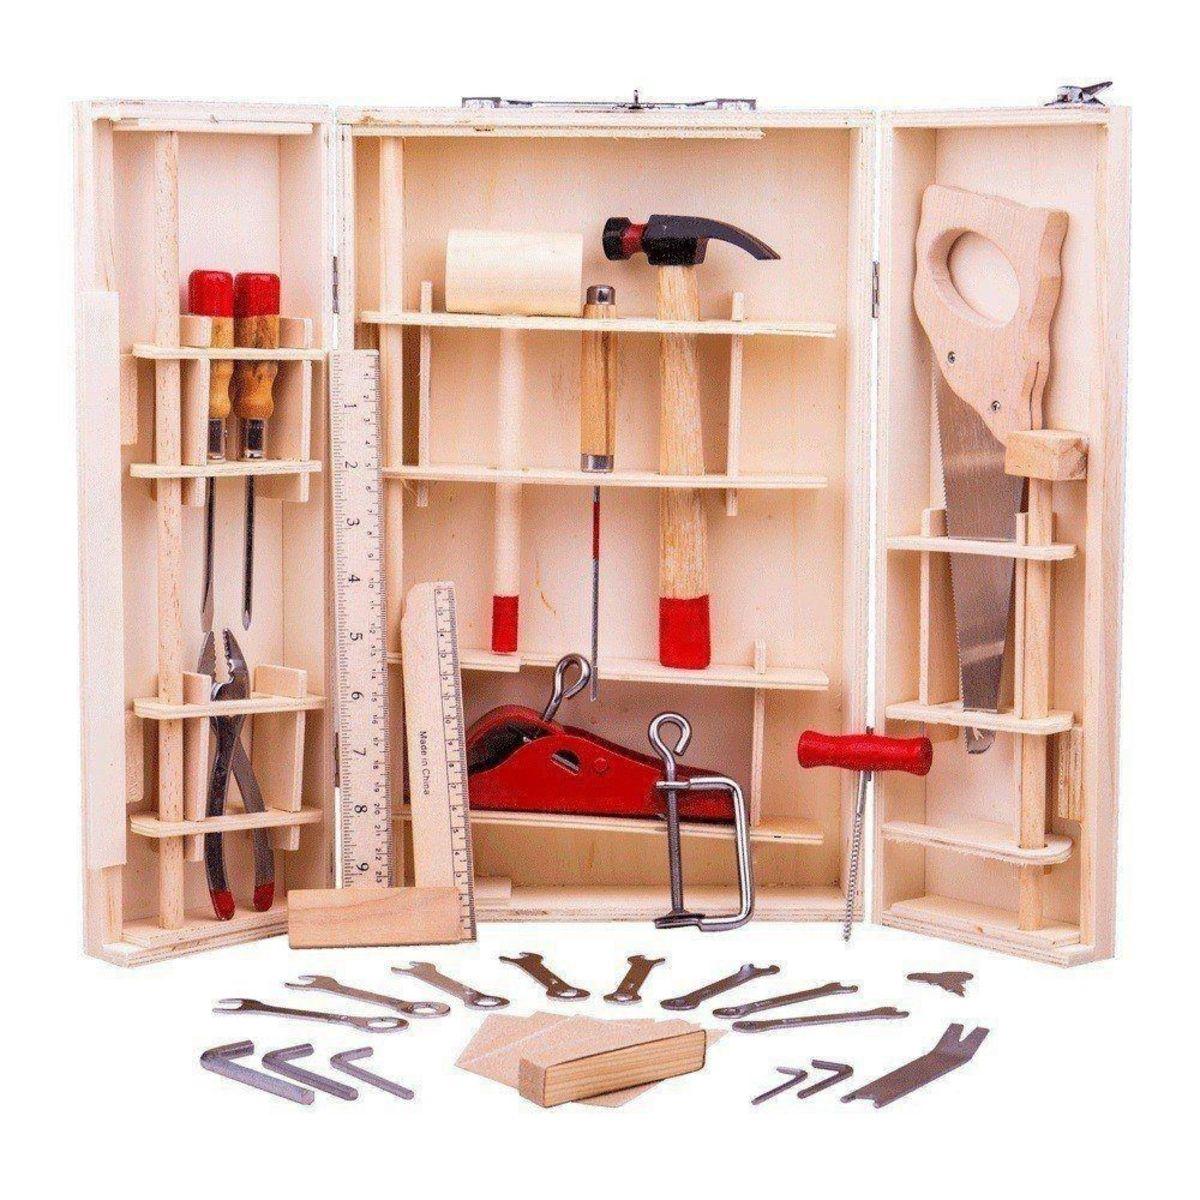 Poloprofesionálna sada náradia Children's tools set